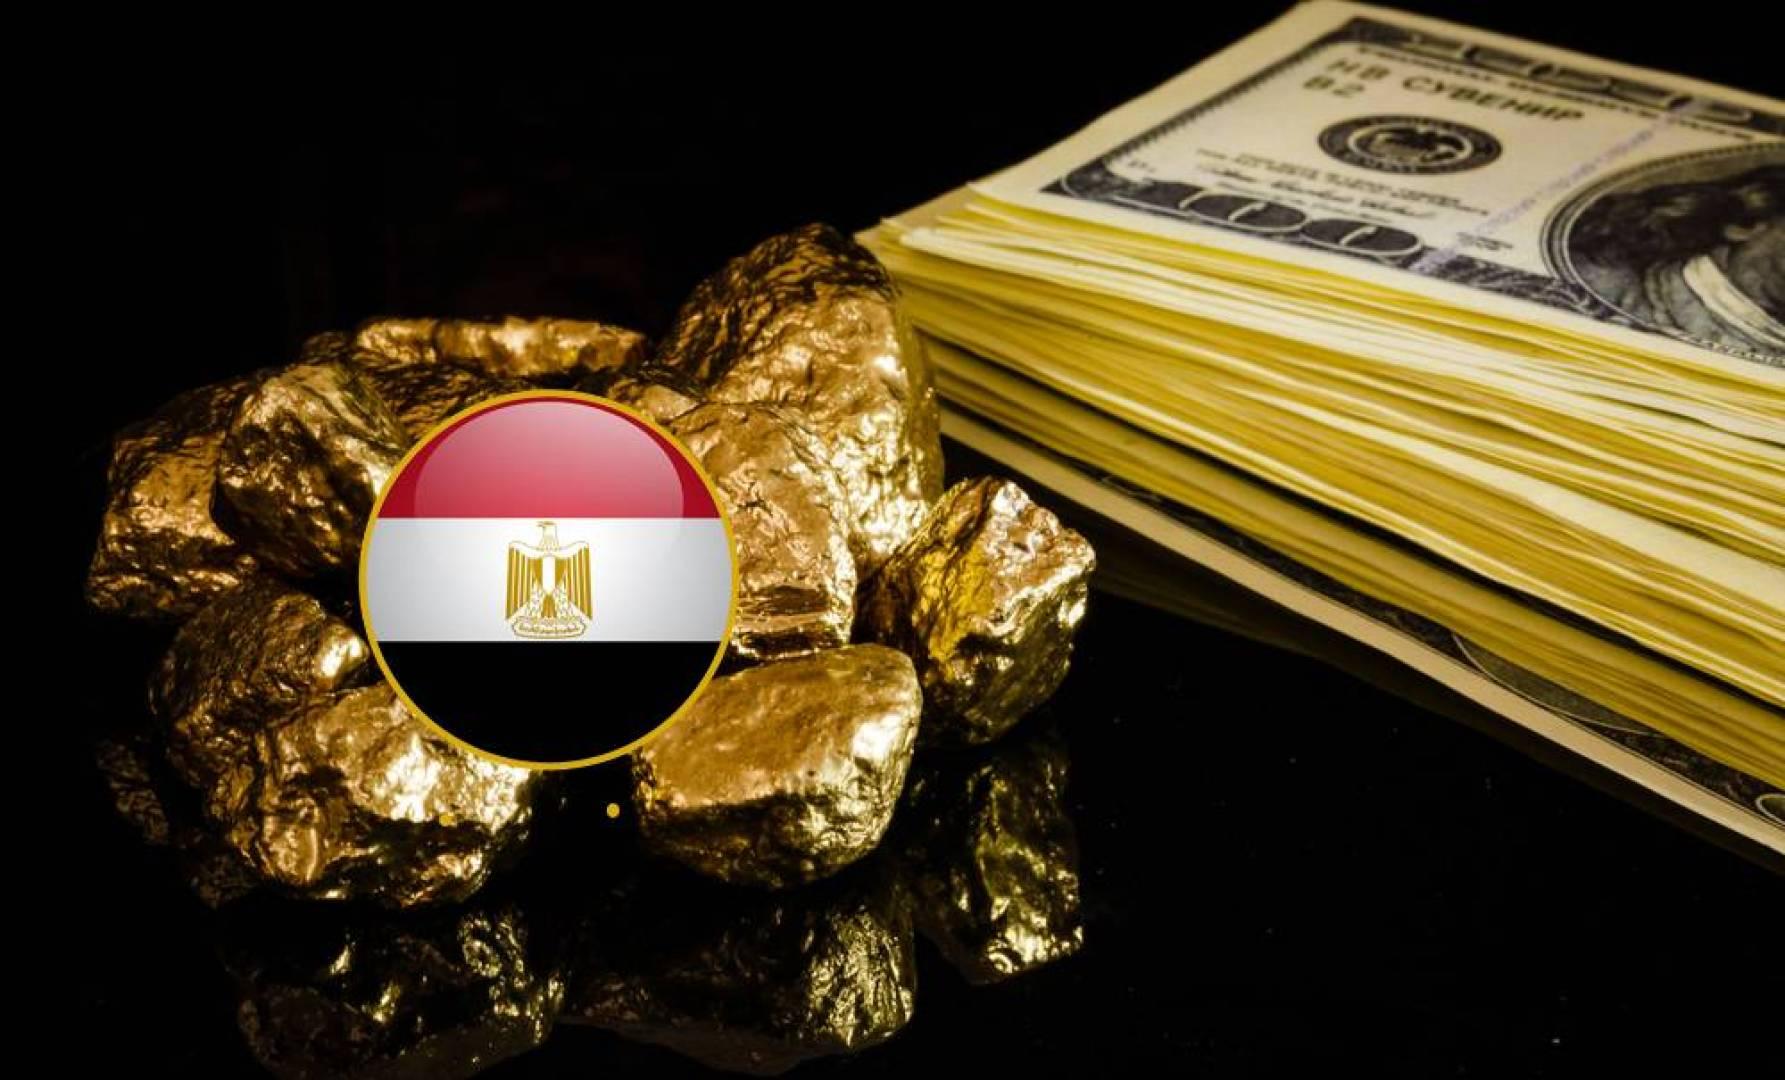 مصر: كشف جديد للذهب.. باحتياطي يزيد عن مليون أوقية